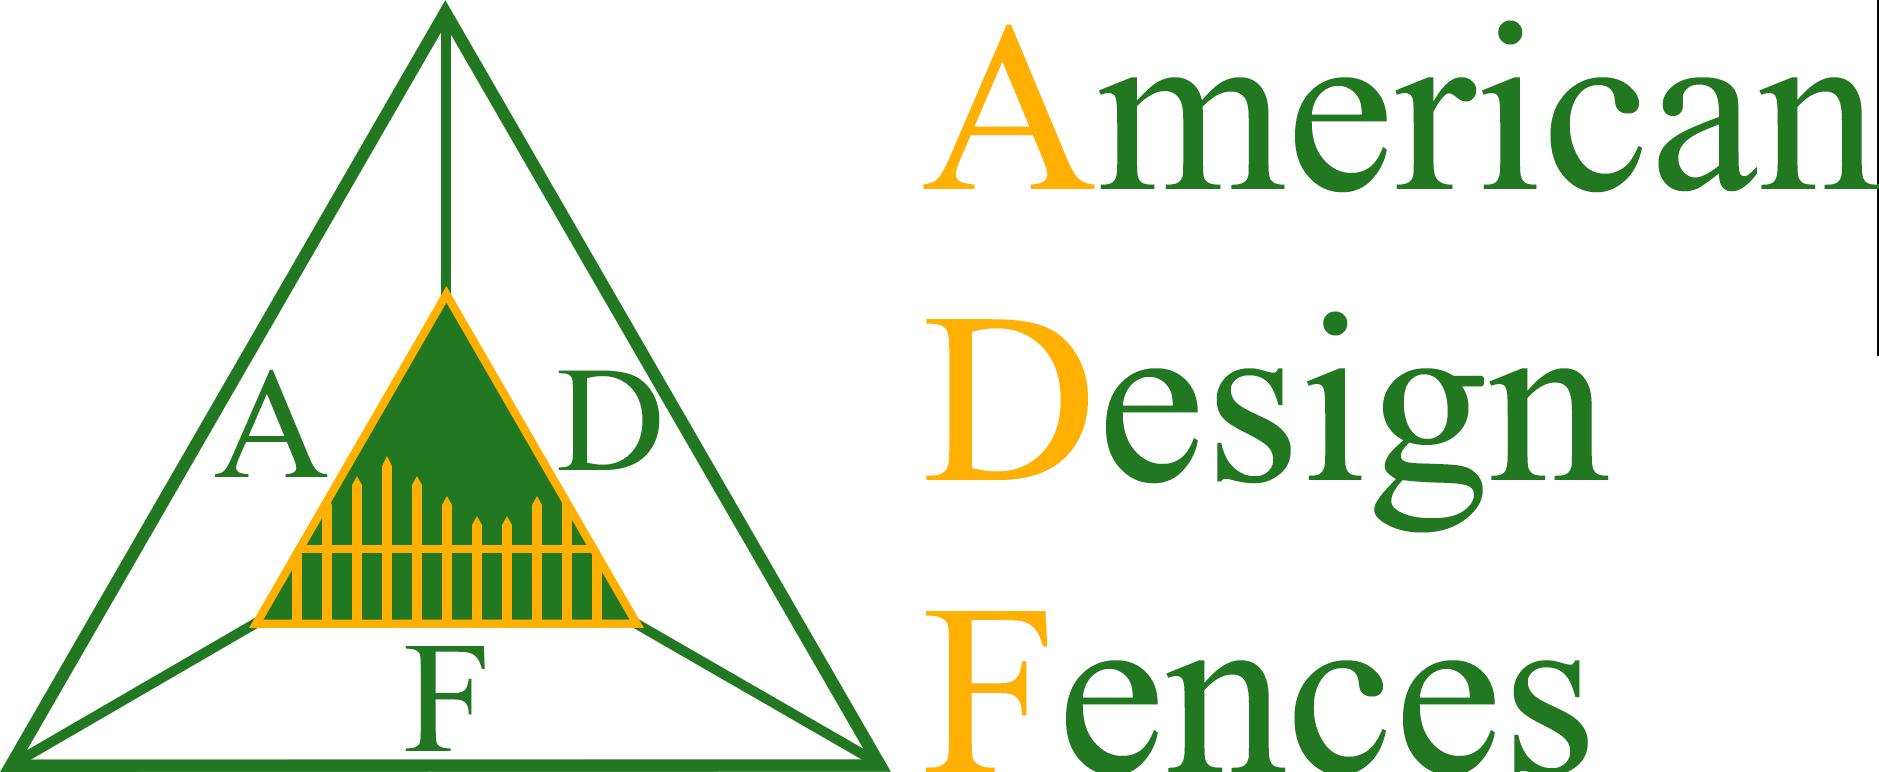 Fences Design Company in Paterson, NJ